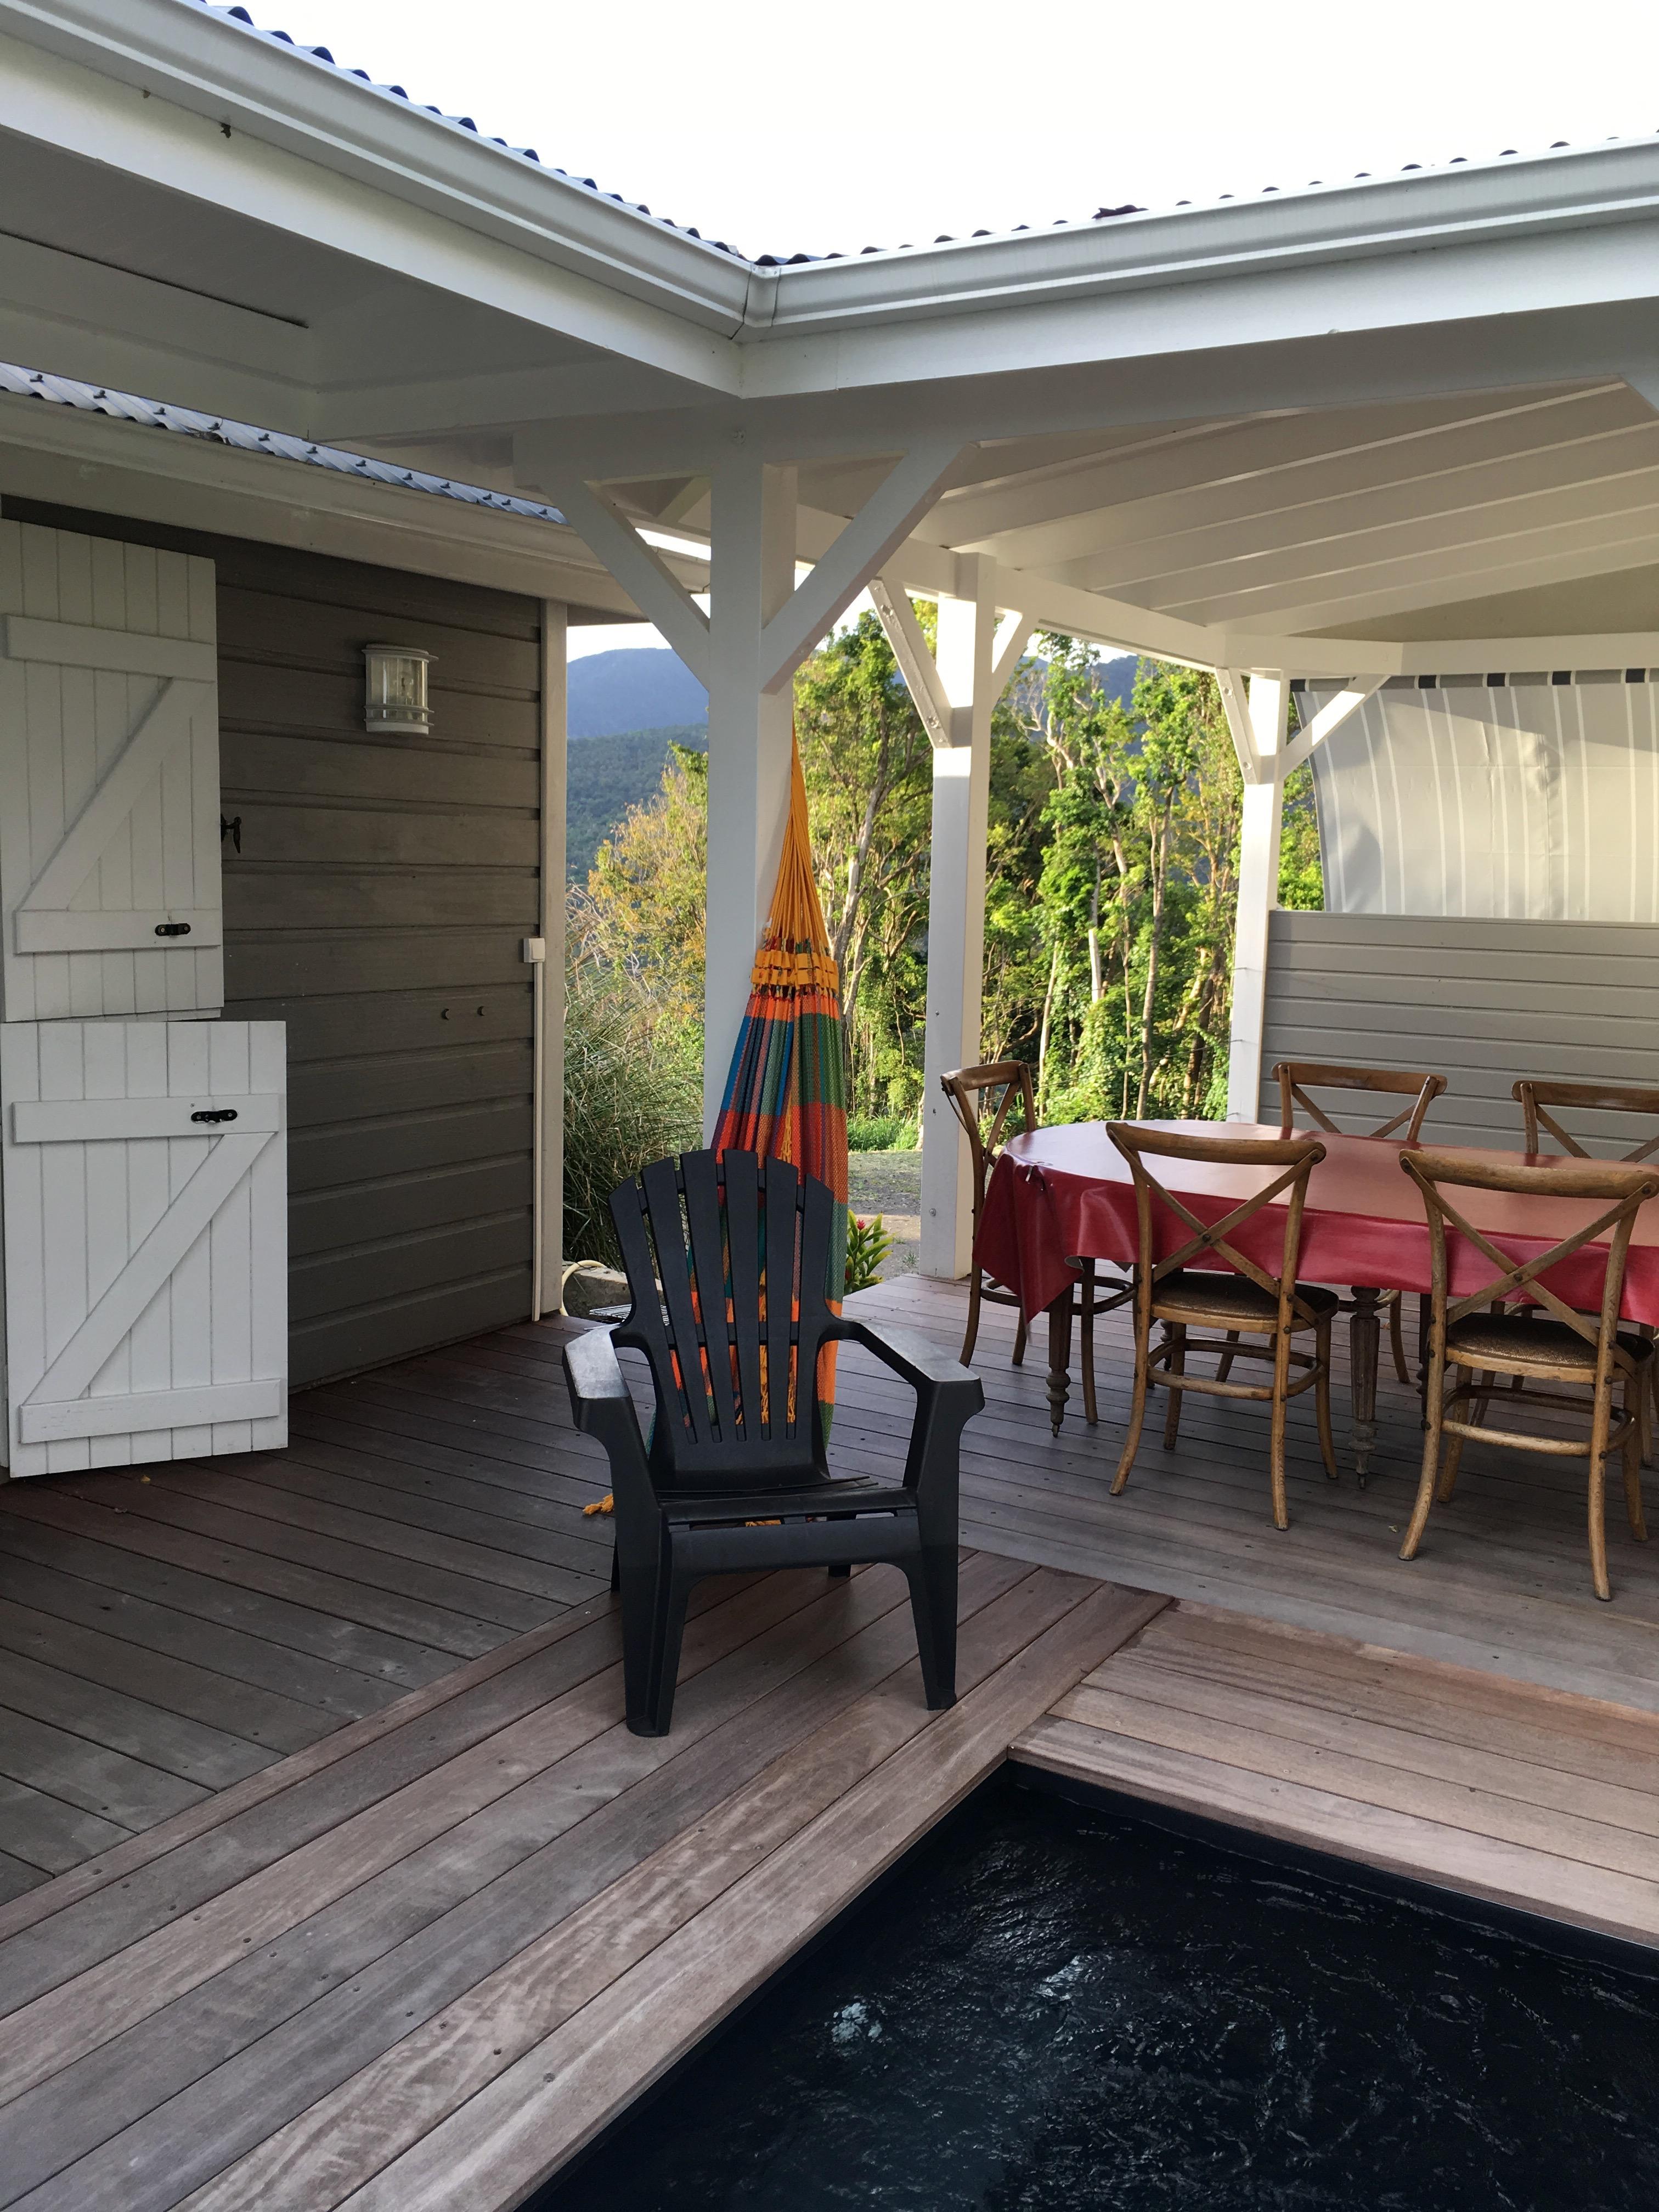 Location gite avec hamac pour 4 en Guadeloupe